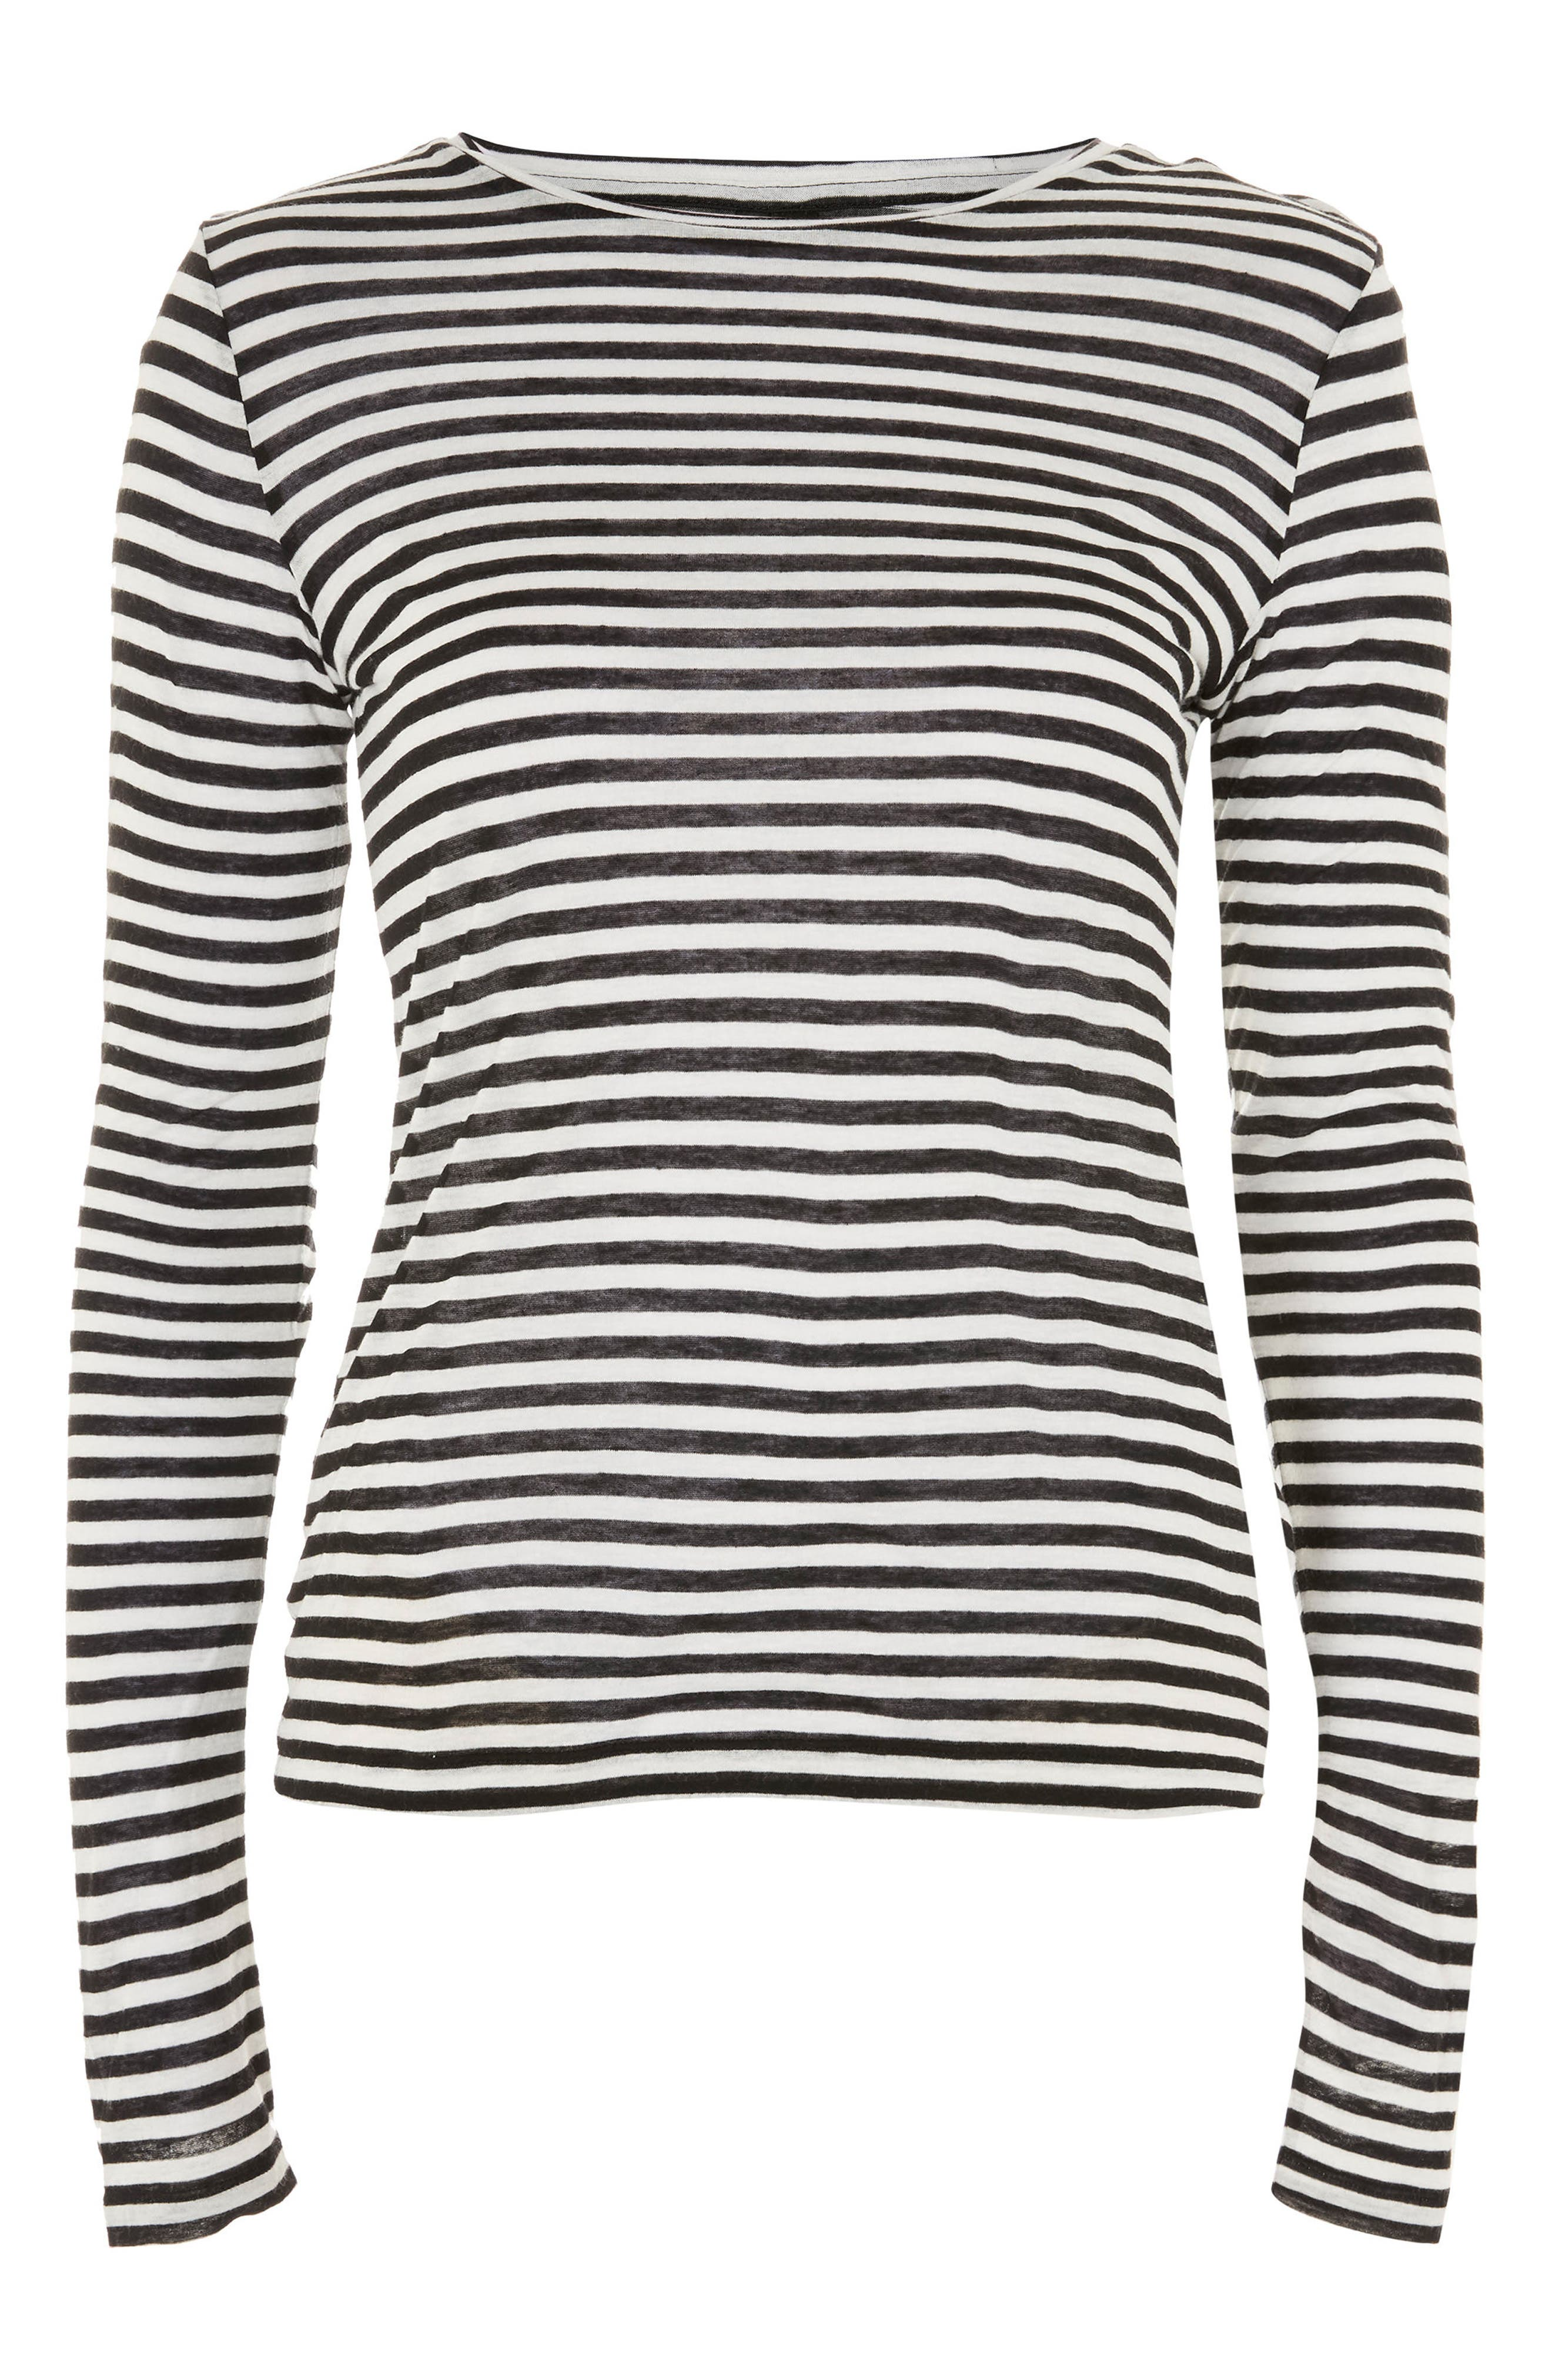 Topshop Stripe Slub Shirt